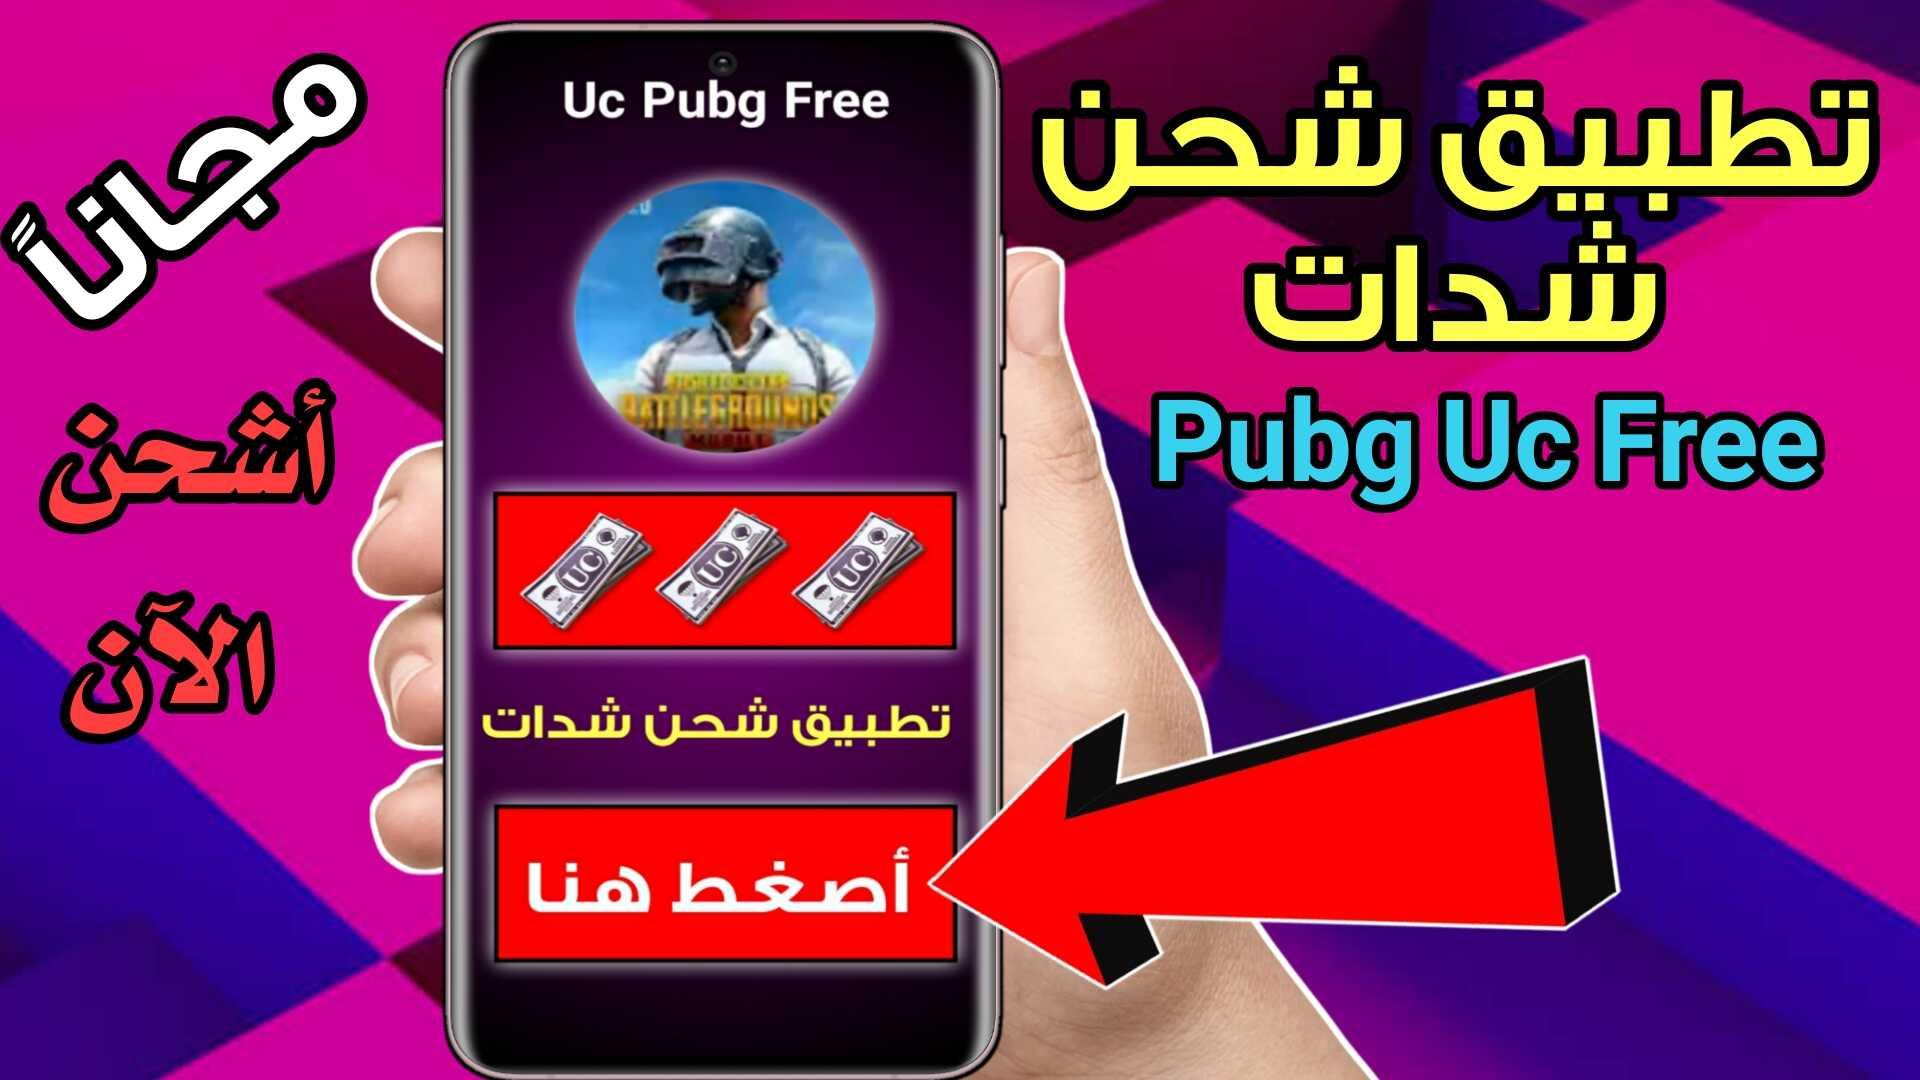 تطبيق شحن شدات Pudg Uc Free حقيقي ومضمون 100%